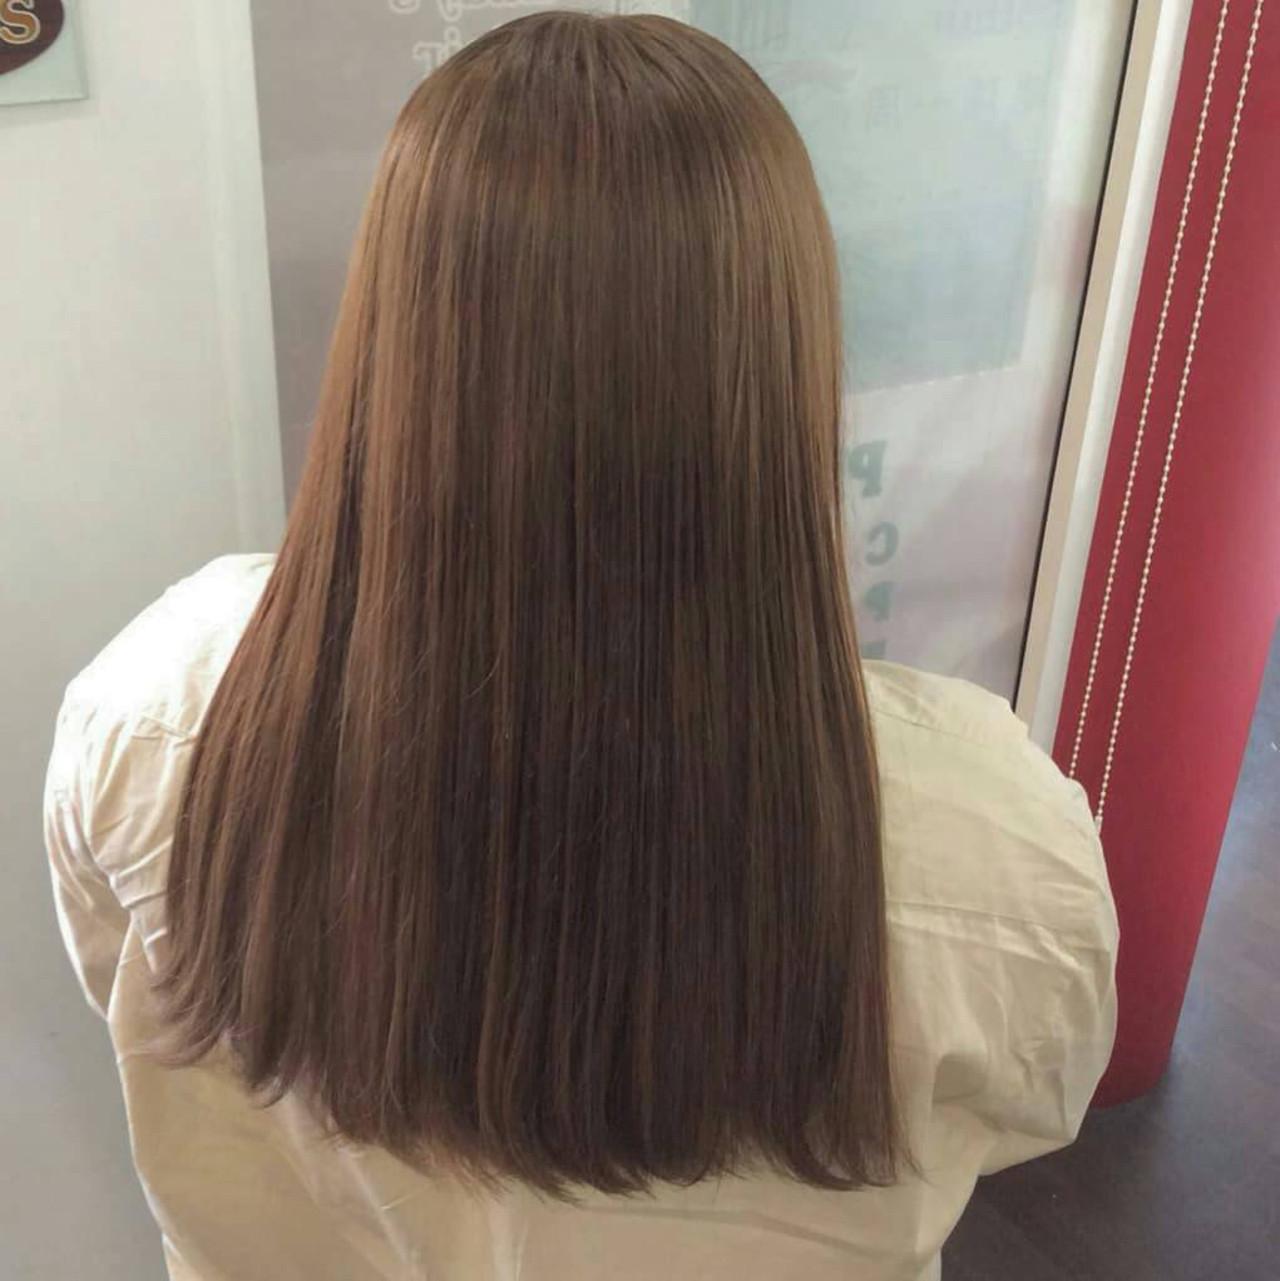 ロング ガーリー 外国人風カラー ダブルカラー ヘアスタイルや髪型の写真・画像 | rumiLINKS美容室 / リンクス美容室